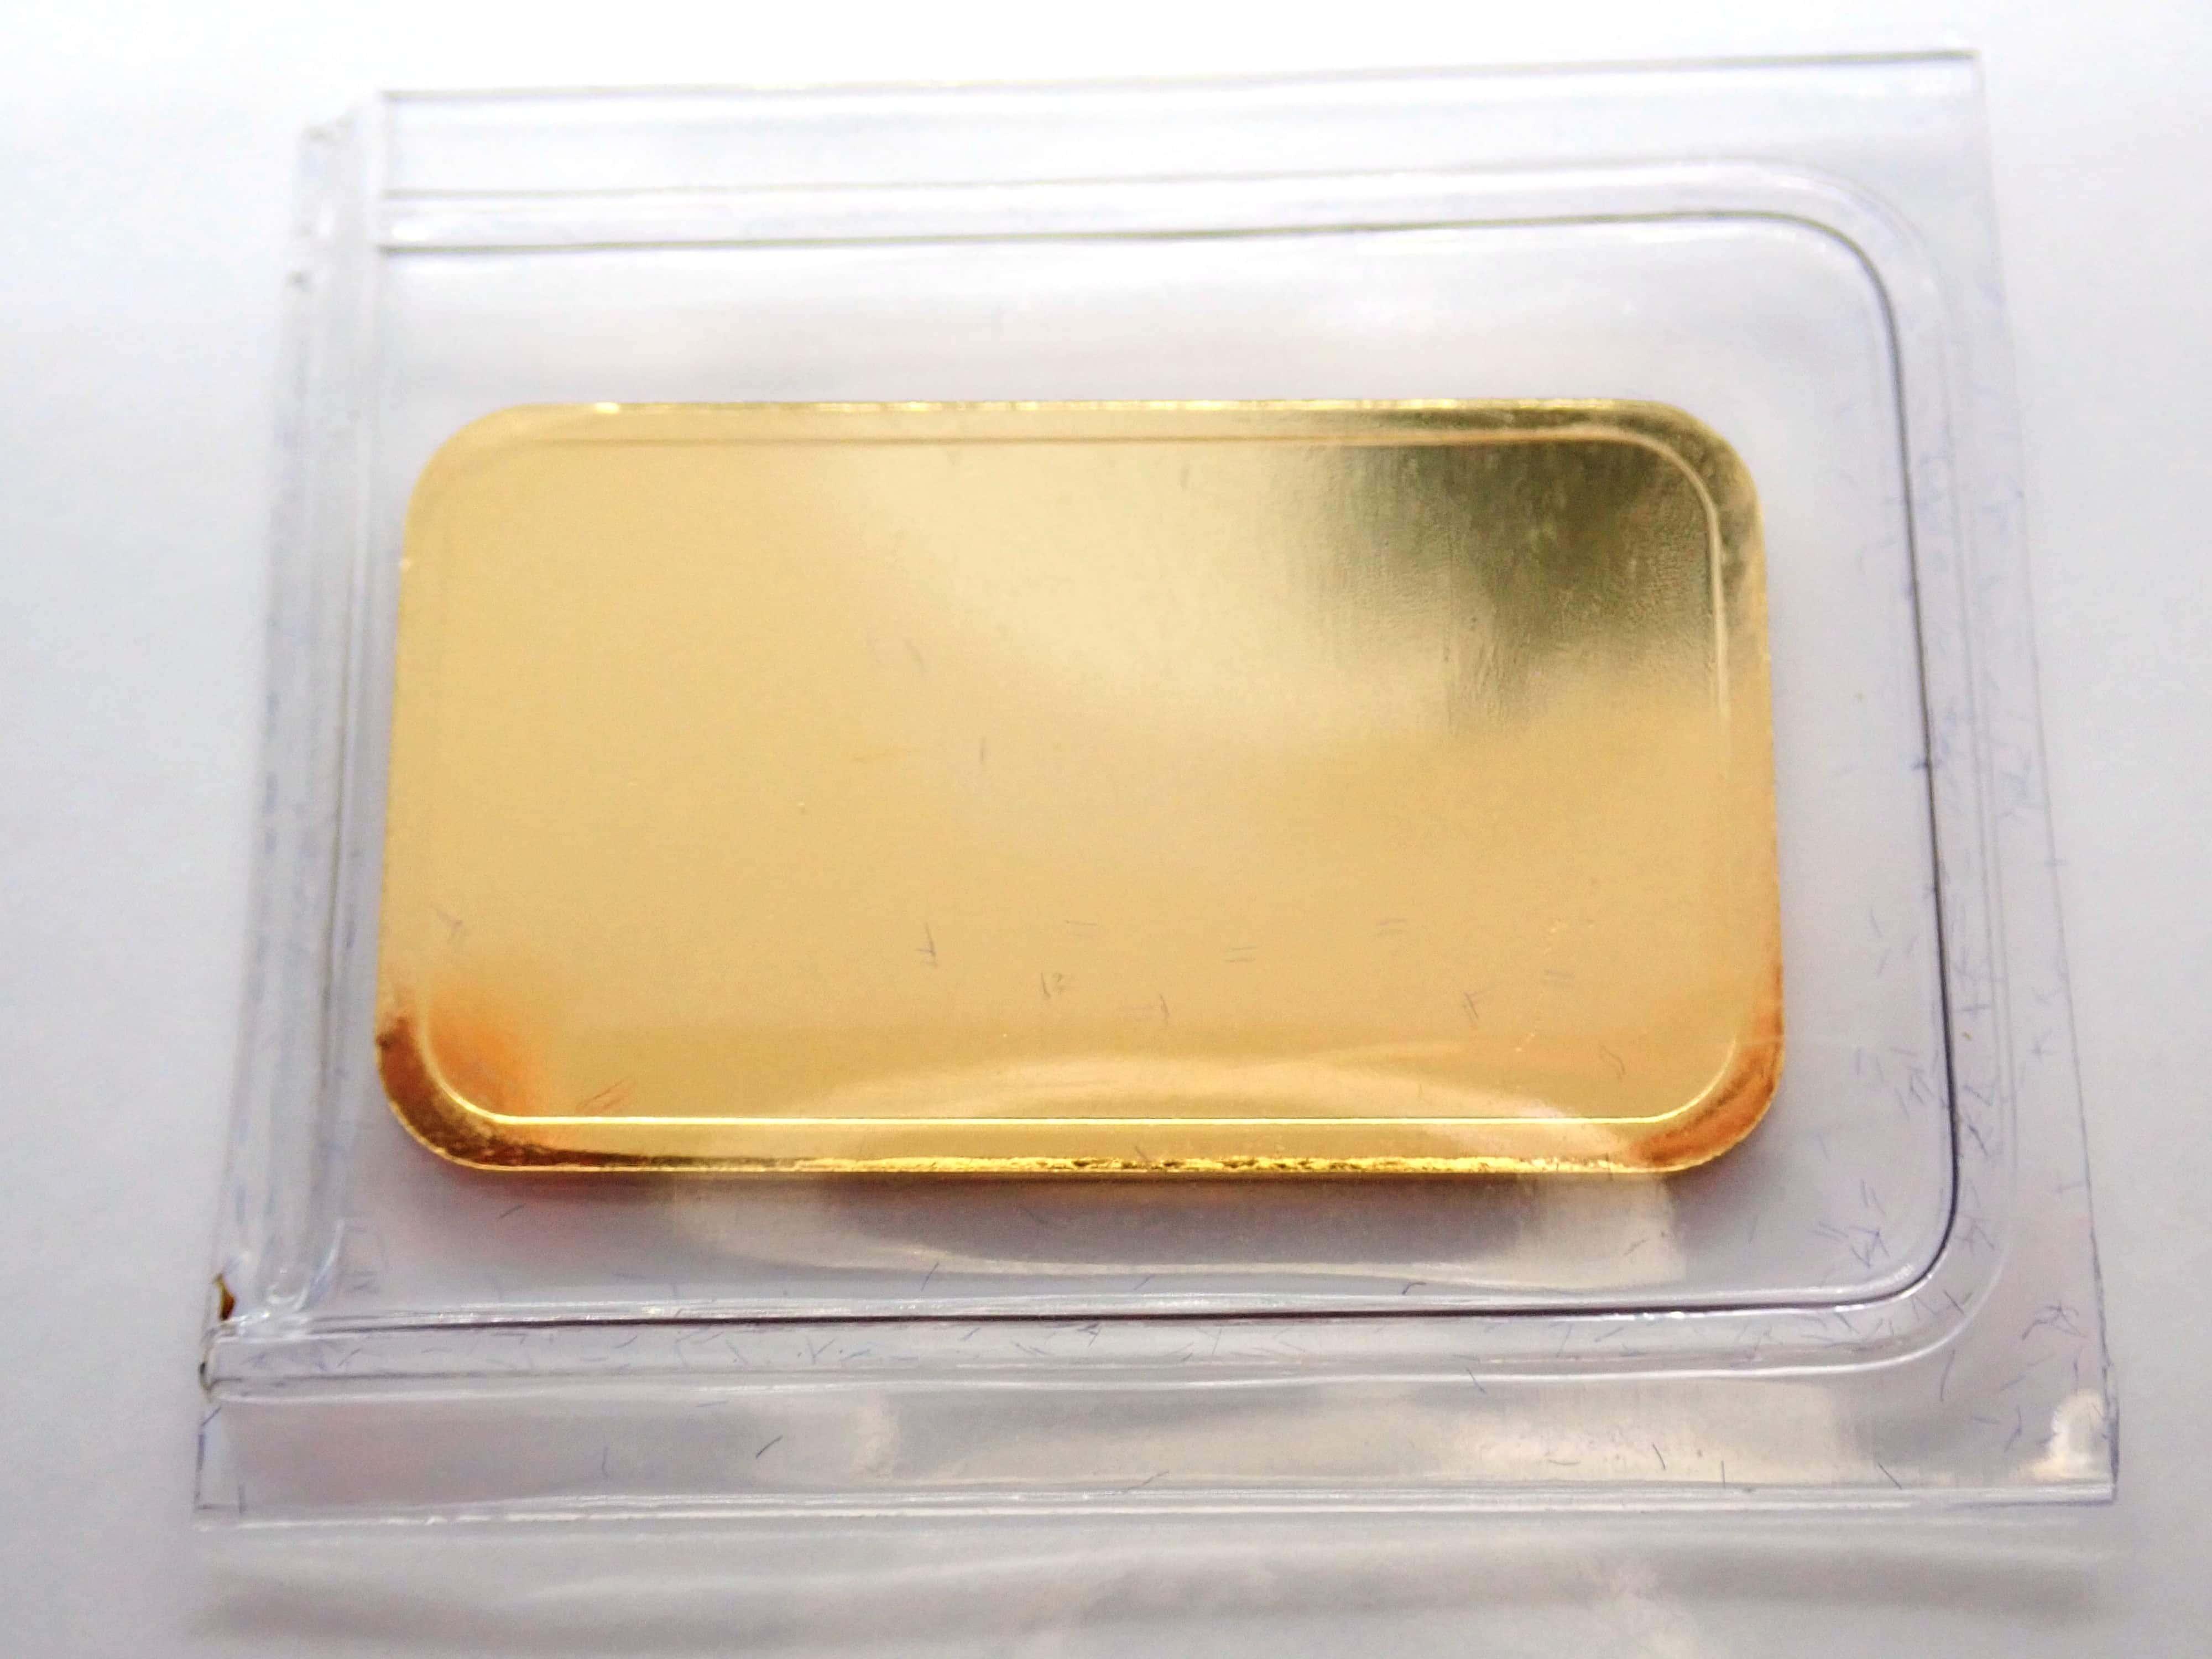 AA000856 - 10 gram Umicore Fine Gold Bar 24 Carat 999.9 Bullion  #